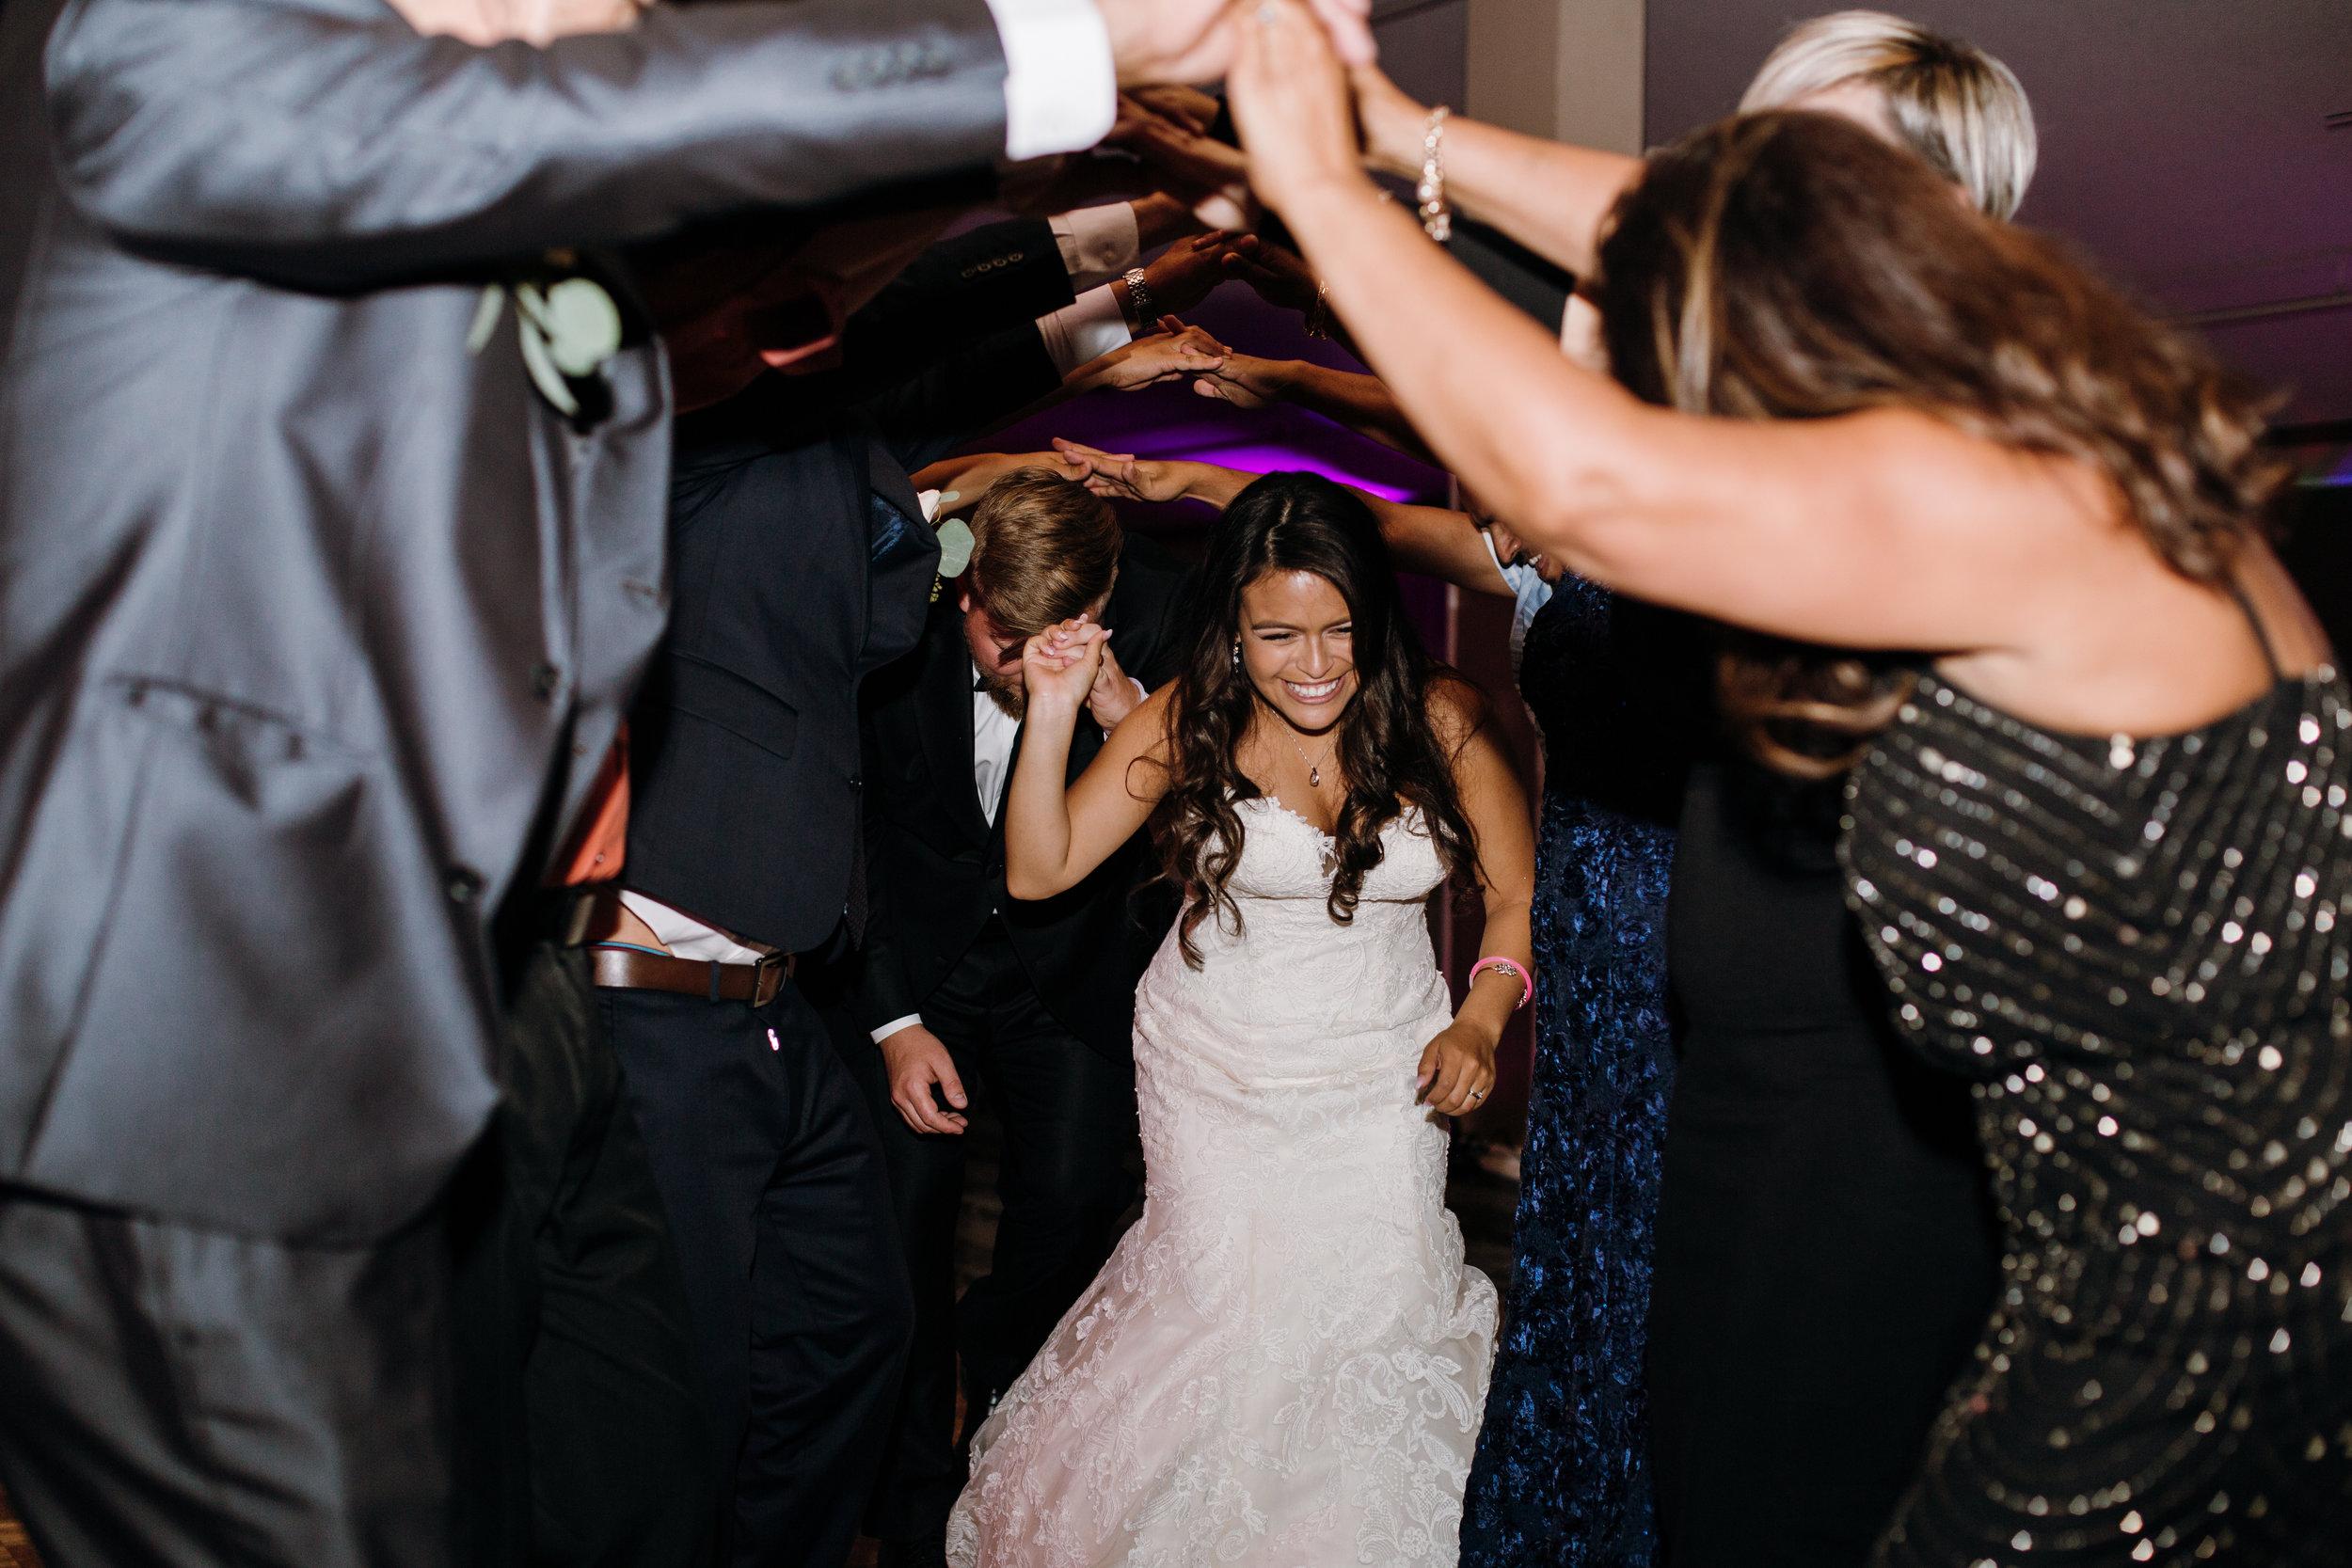 KaraNixonWeddings-SanDiego-Wedding-72.jpg